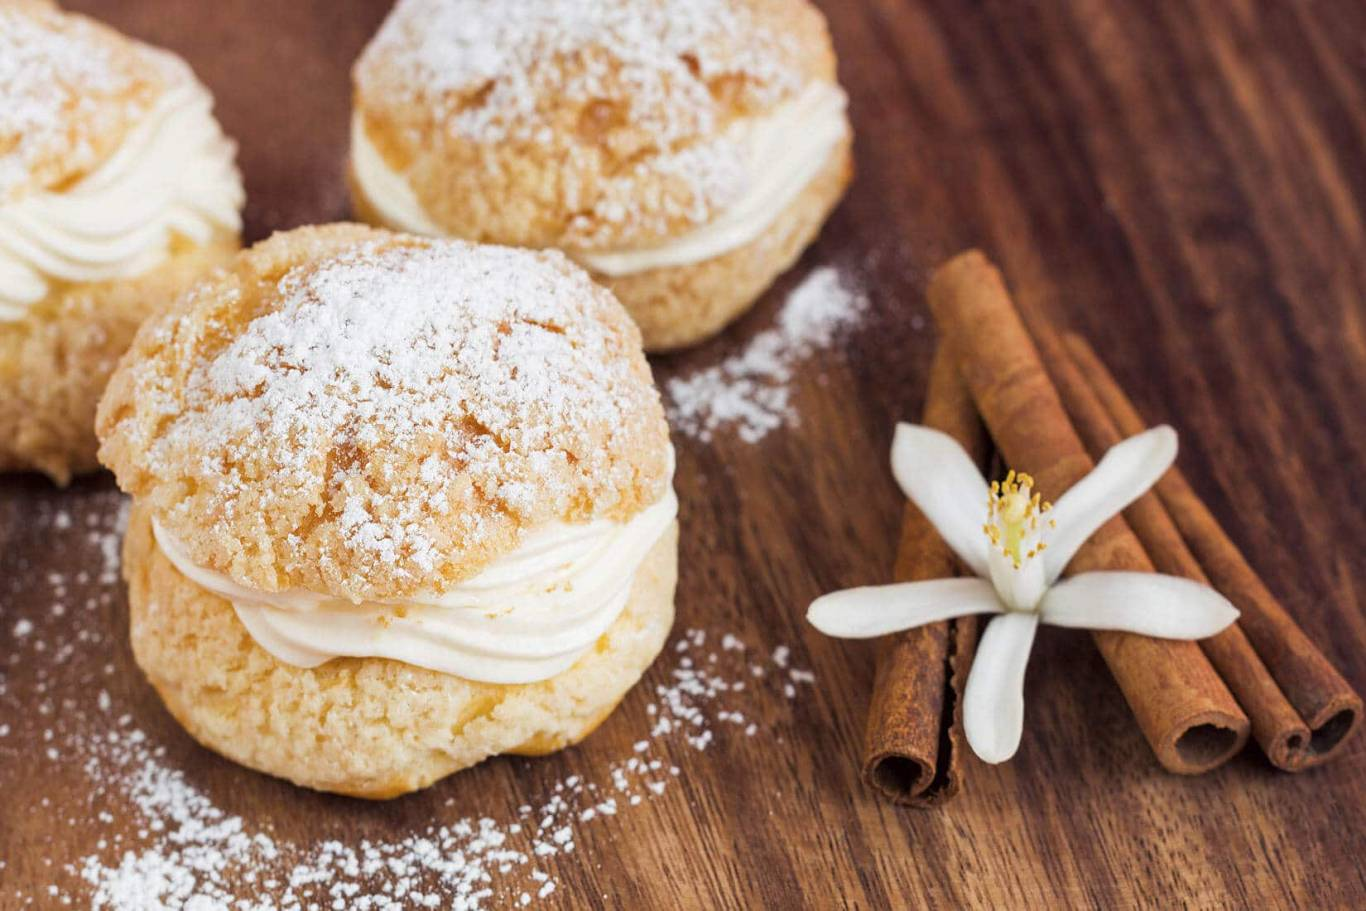 Кулинарный мастер-класс для детей «Полезные сладости» в ресторане Slivki Общества